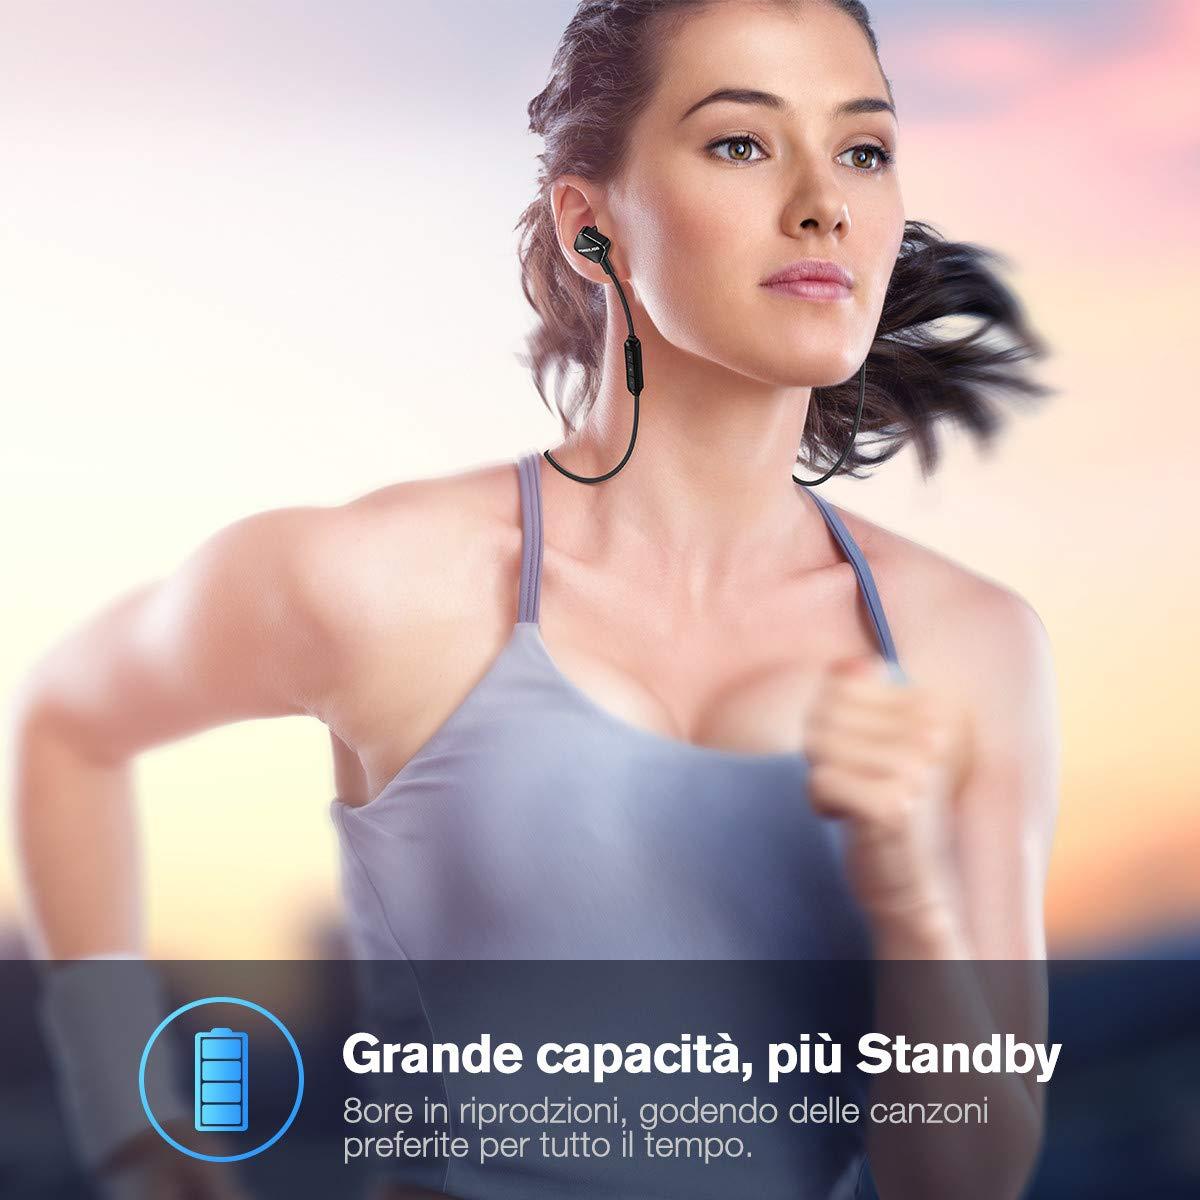 Cuffie Bluetooth POWERADD Stereo Hi-Fi, Un Modello in -ear Magnetico, Auricolari Bluetooth 4.1 IPX4 Perfetto per Sport Cancella il Rumore e 7 Ore di Riproduzione.